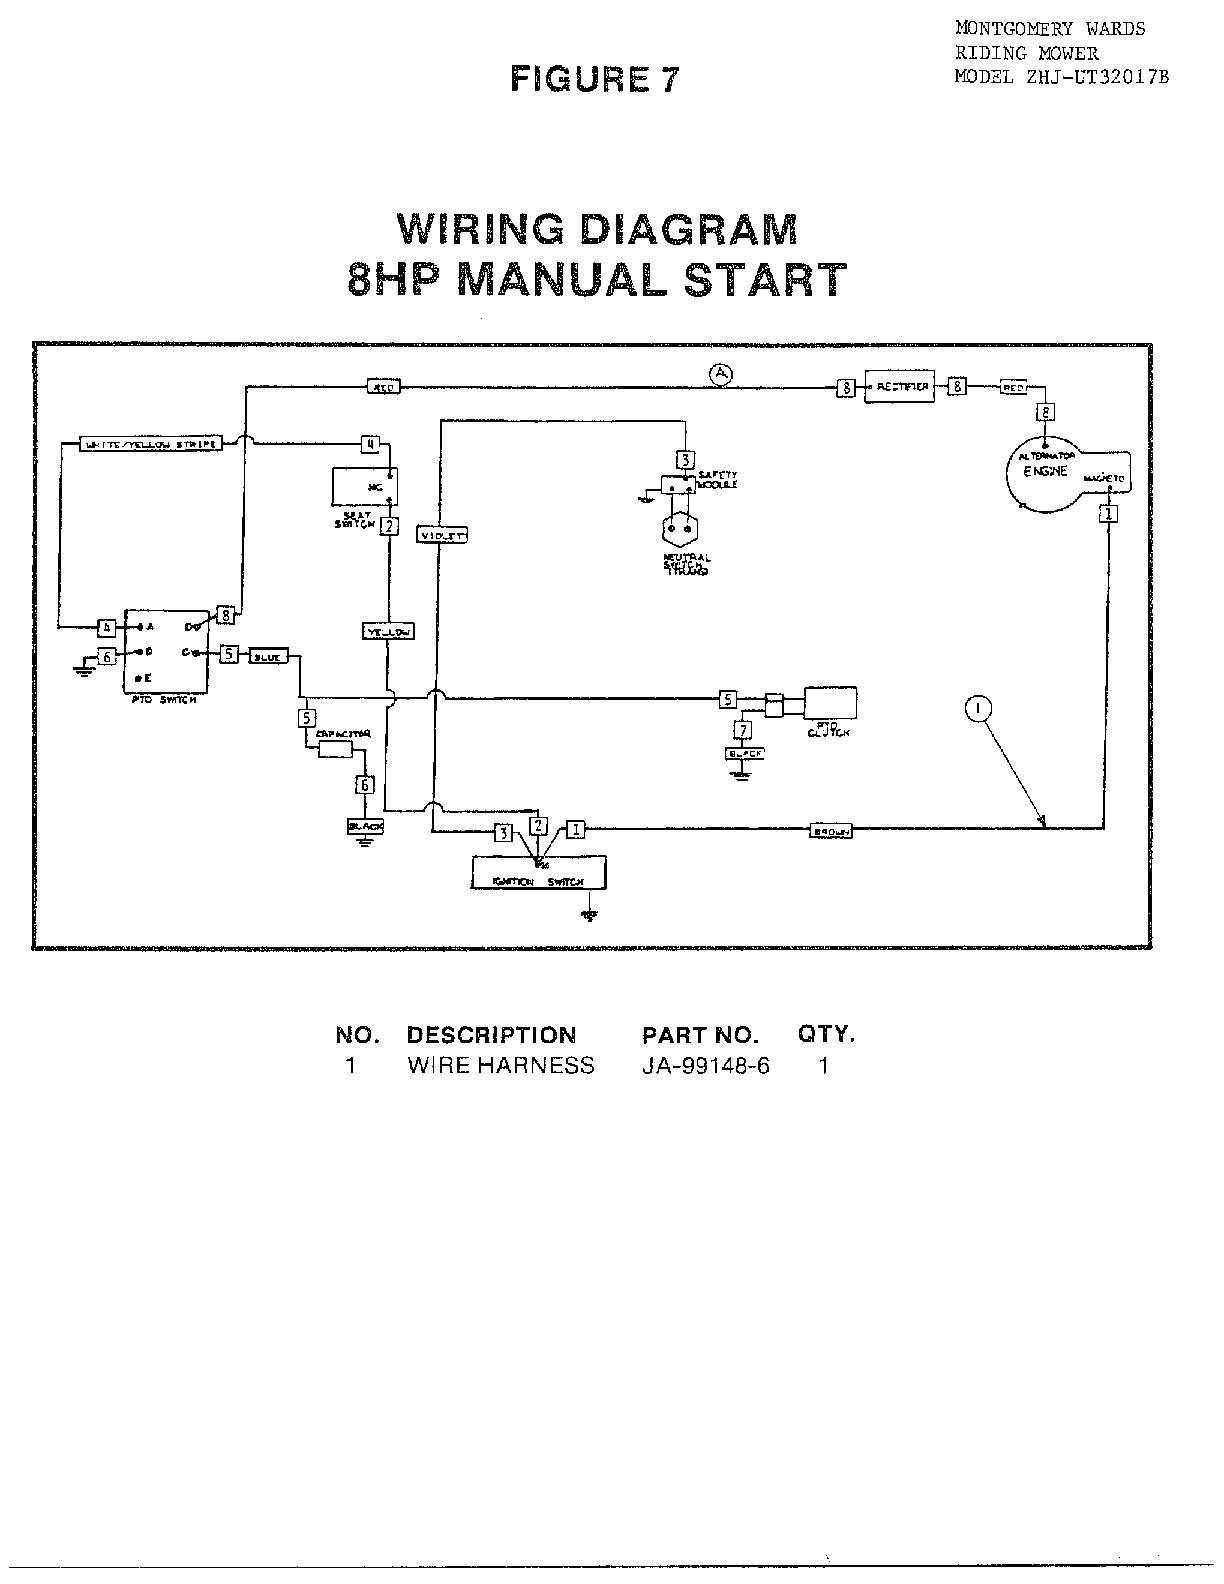 Homelite Model Ut32017B Walk Behind Lawnmower, Gas Genuine Parts - Riding Lawn Mower Wiring Diagram